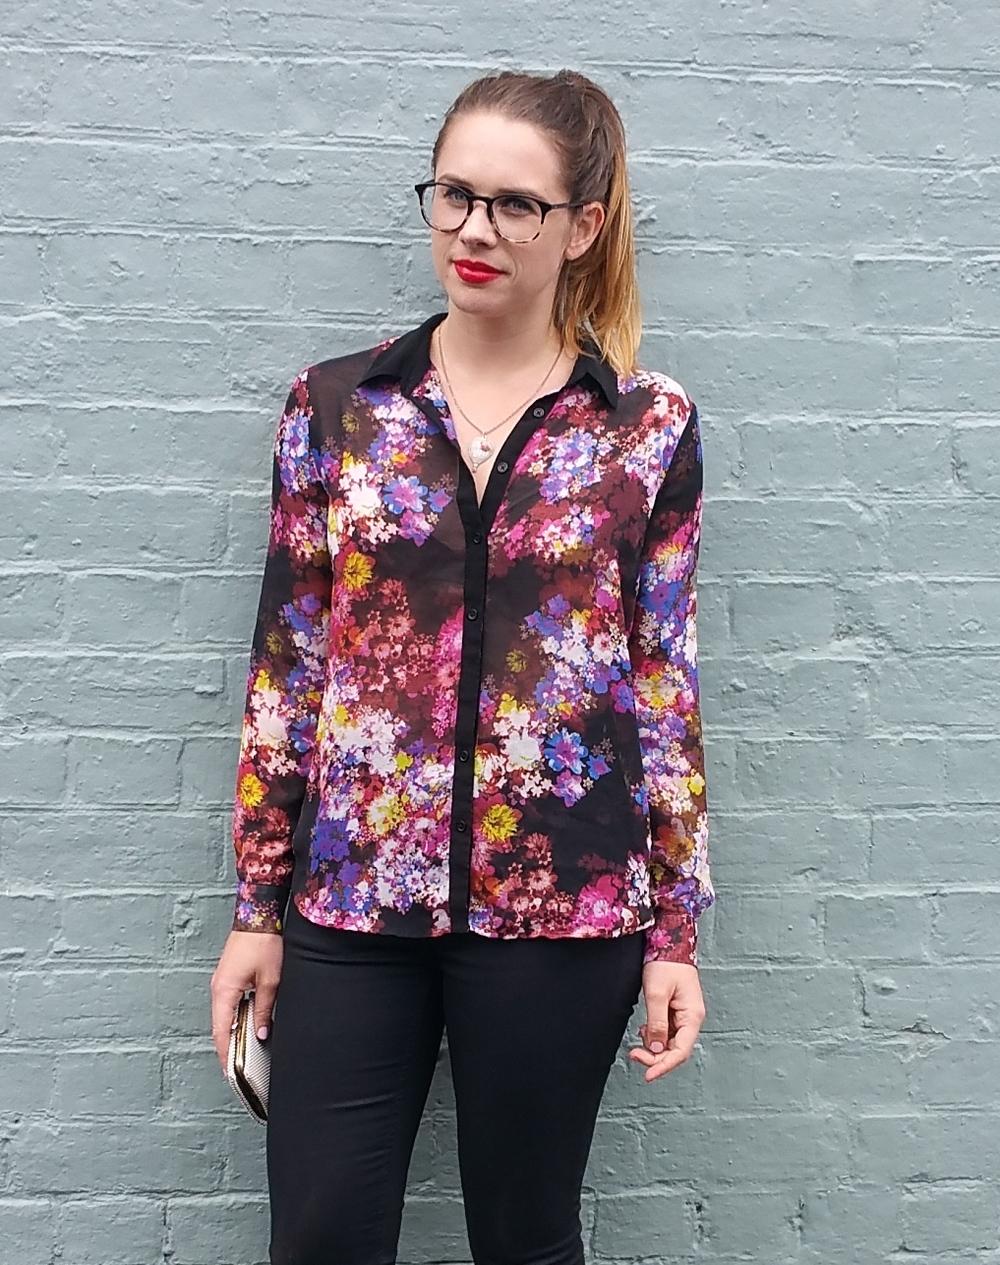 sportsgirl-floral-blouse